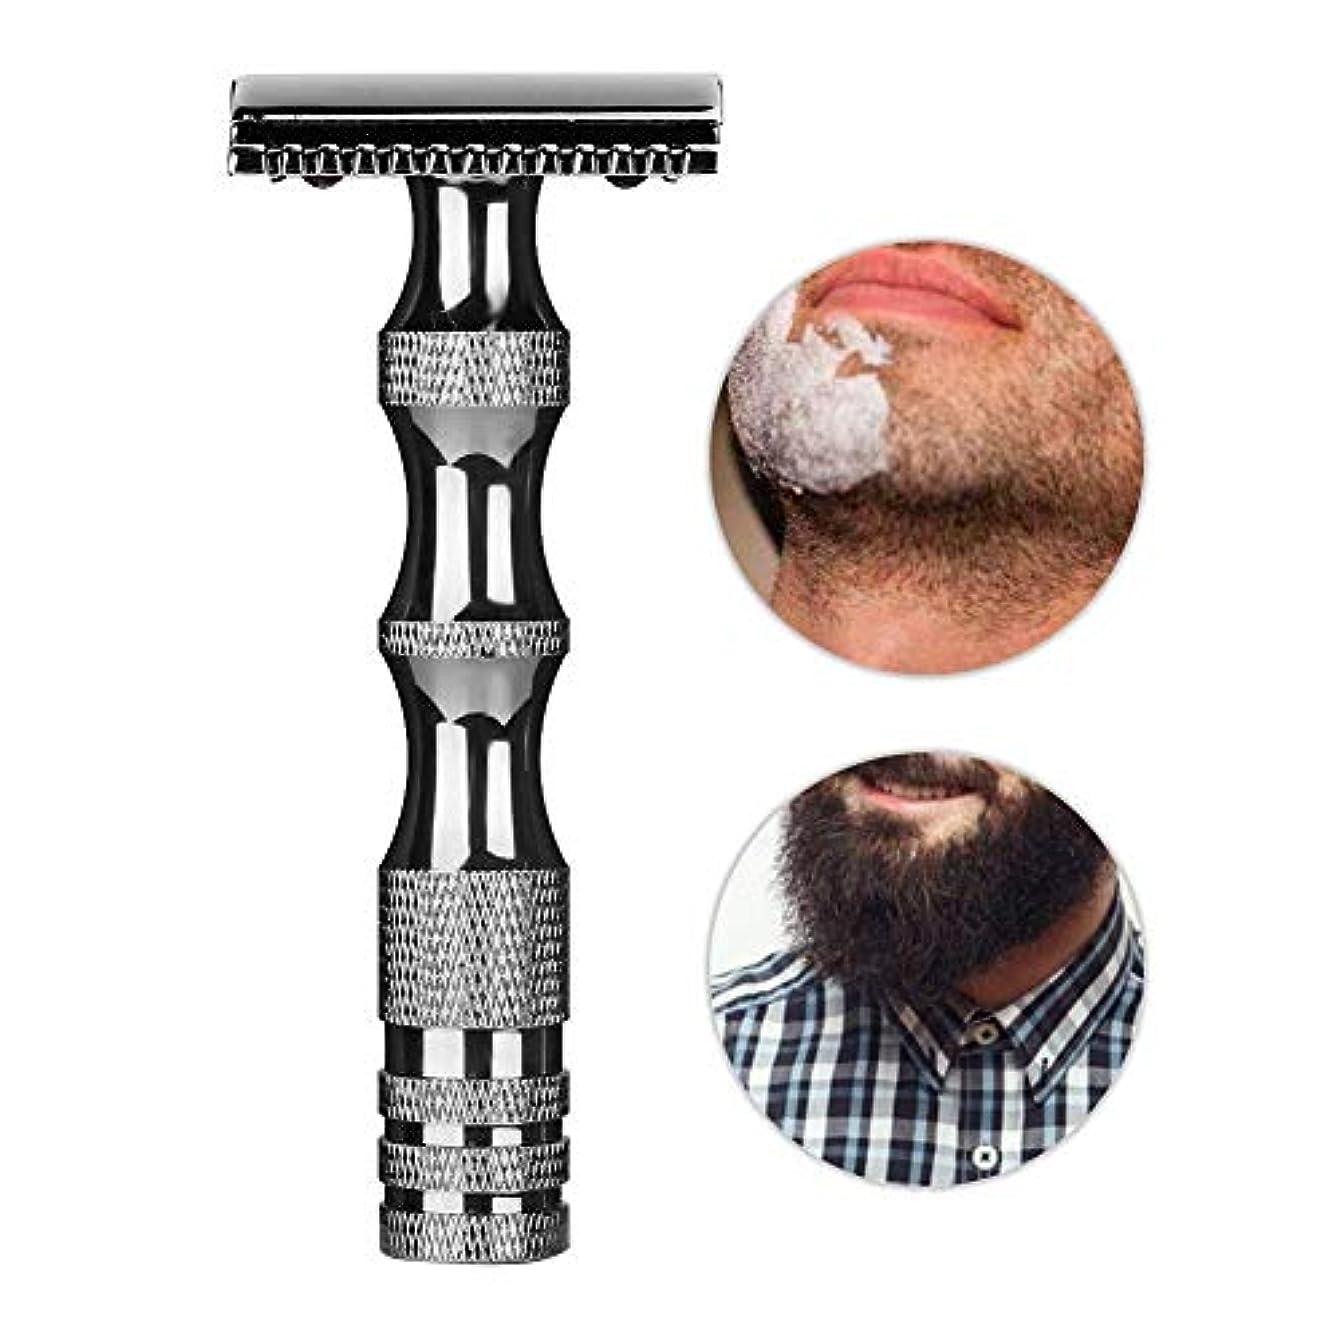 航空便南極和安全剃刀、クラシックメンズ滑り止めメタルハンドルデュアルエッジシェーバーヴィンテージスタイルメンズ安全剃刀、スムーズで快適な髭剃り(Dark Silver)